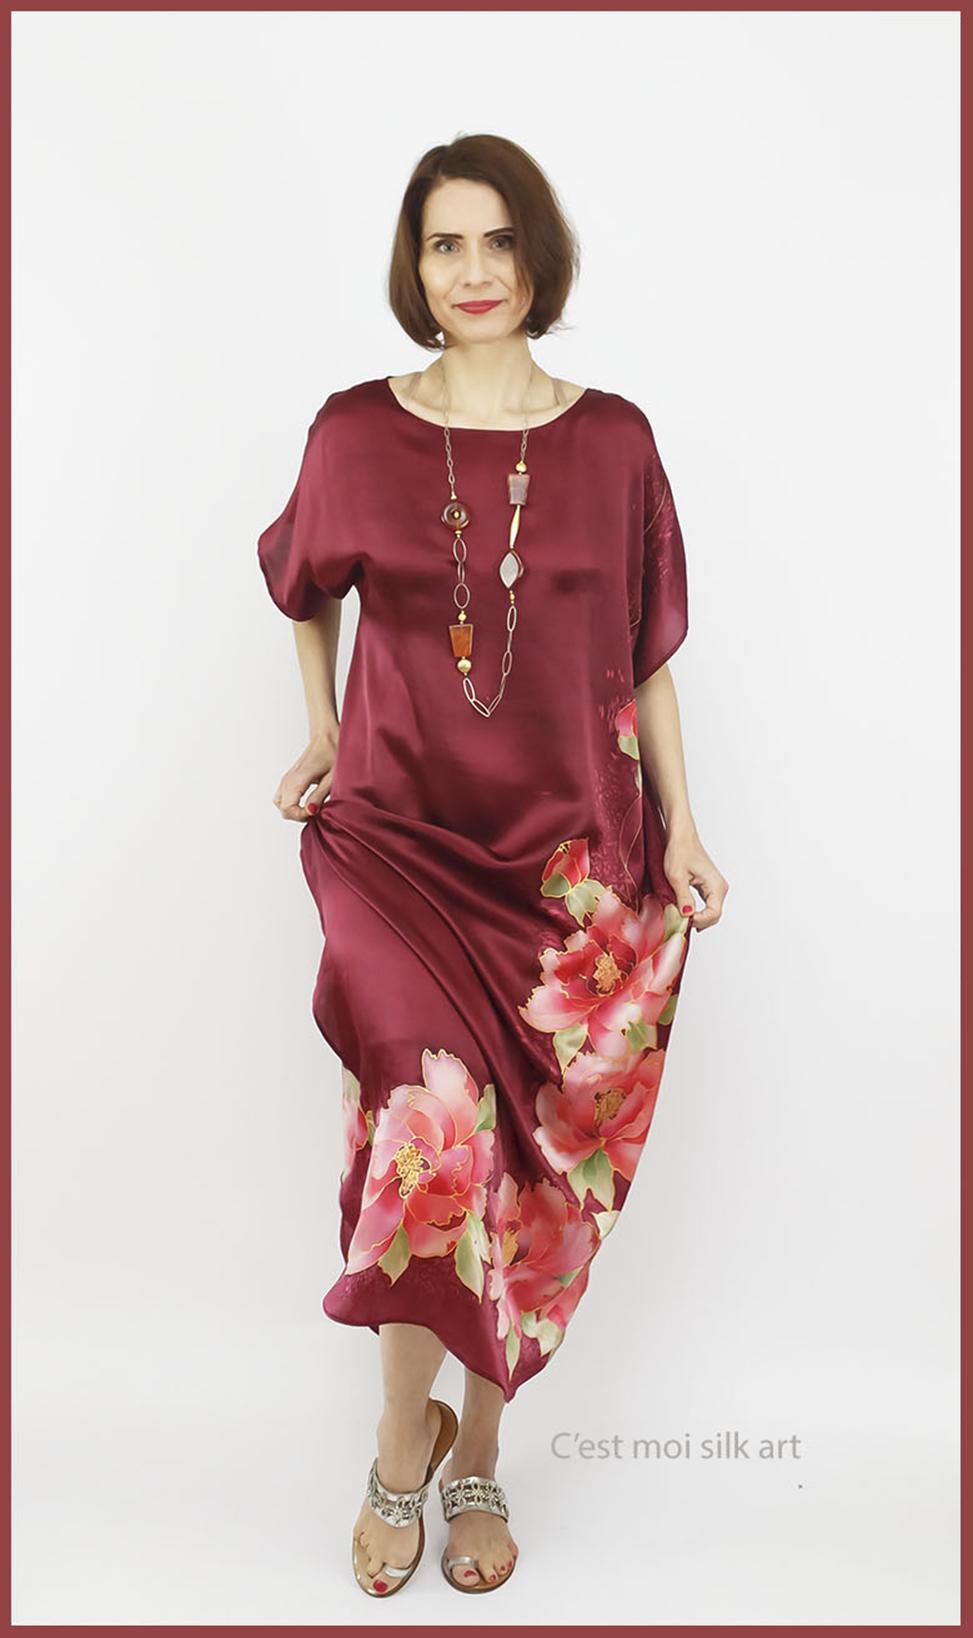 selyem szatén ruha kézi festés bordó tuba rózsával 03